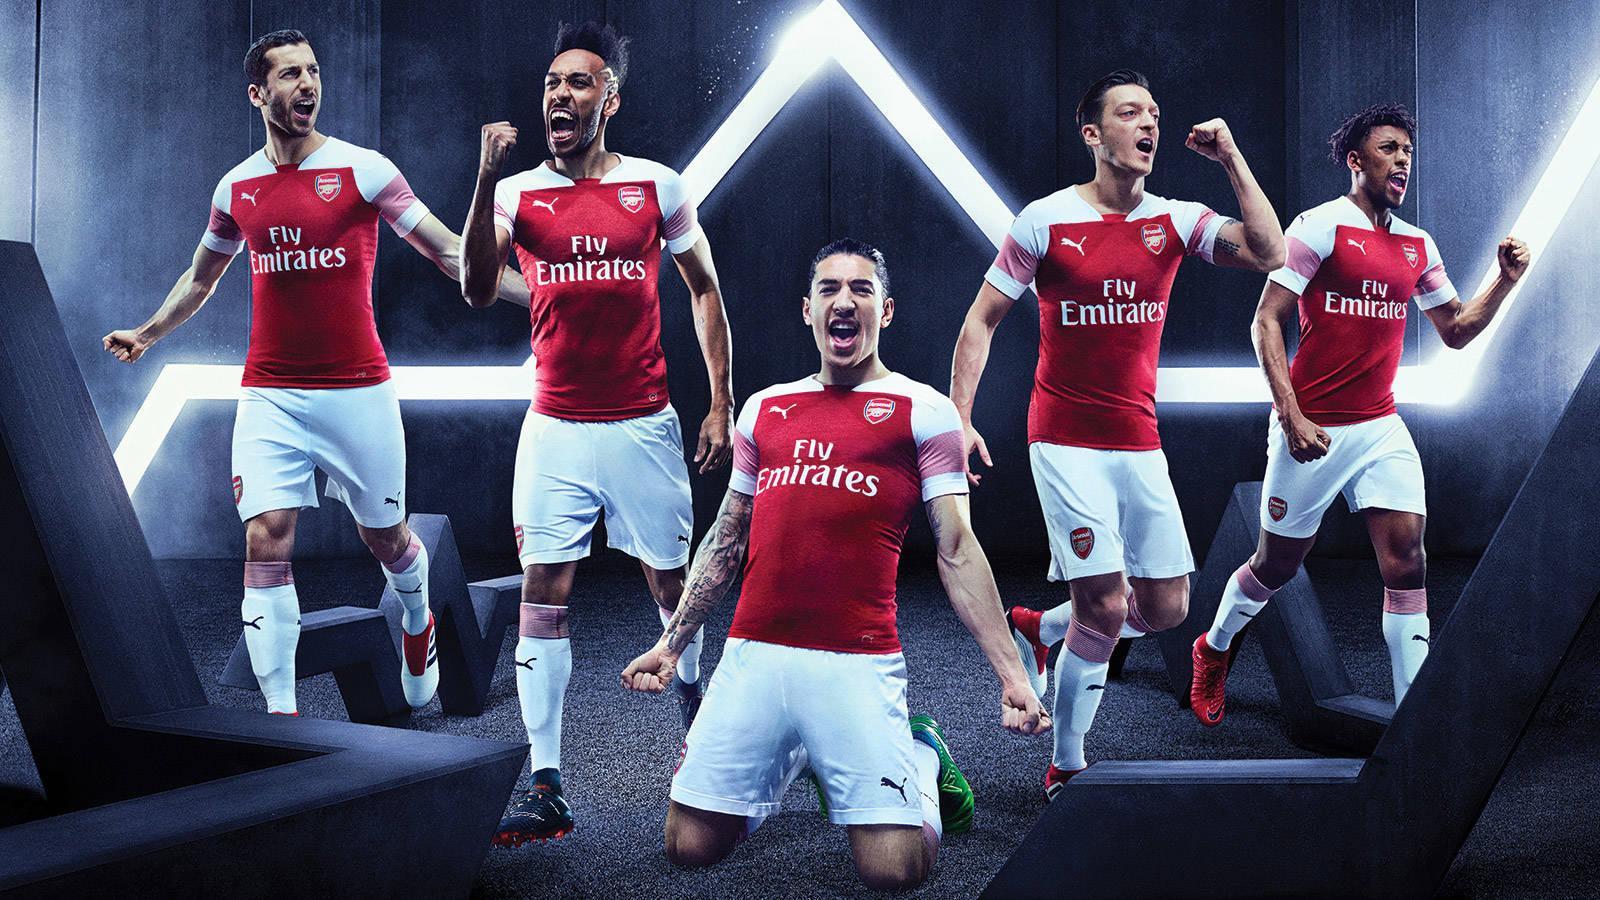 Maillot Extérieur Arsenal nouvelle